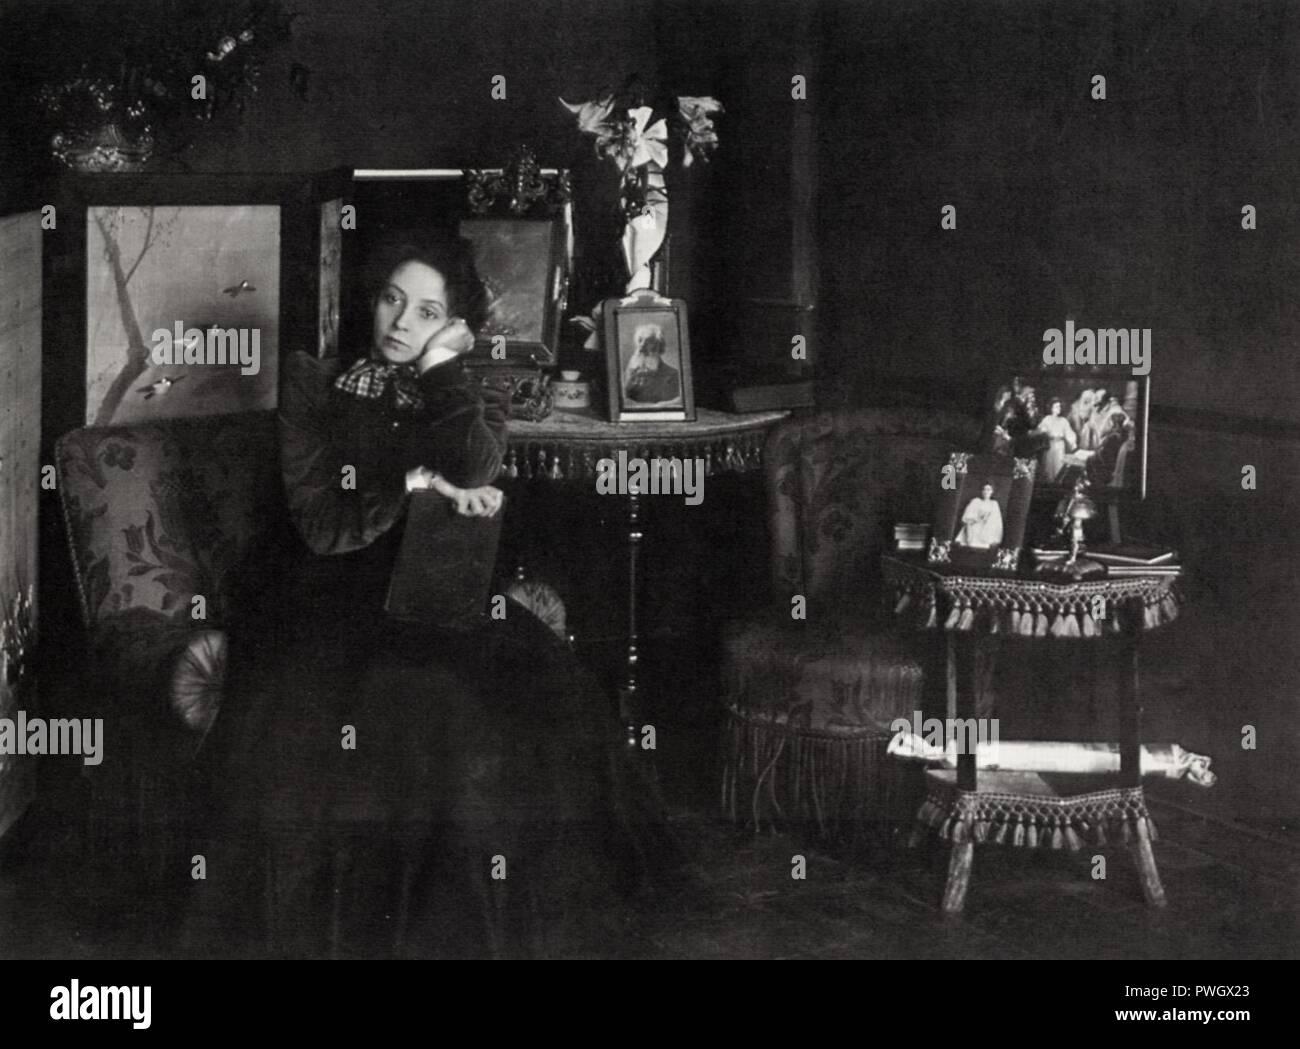 Bulla, Karl Karlovič - Die Schauspielerin Vera Federovna Komissarževskaja - Stock Image